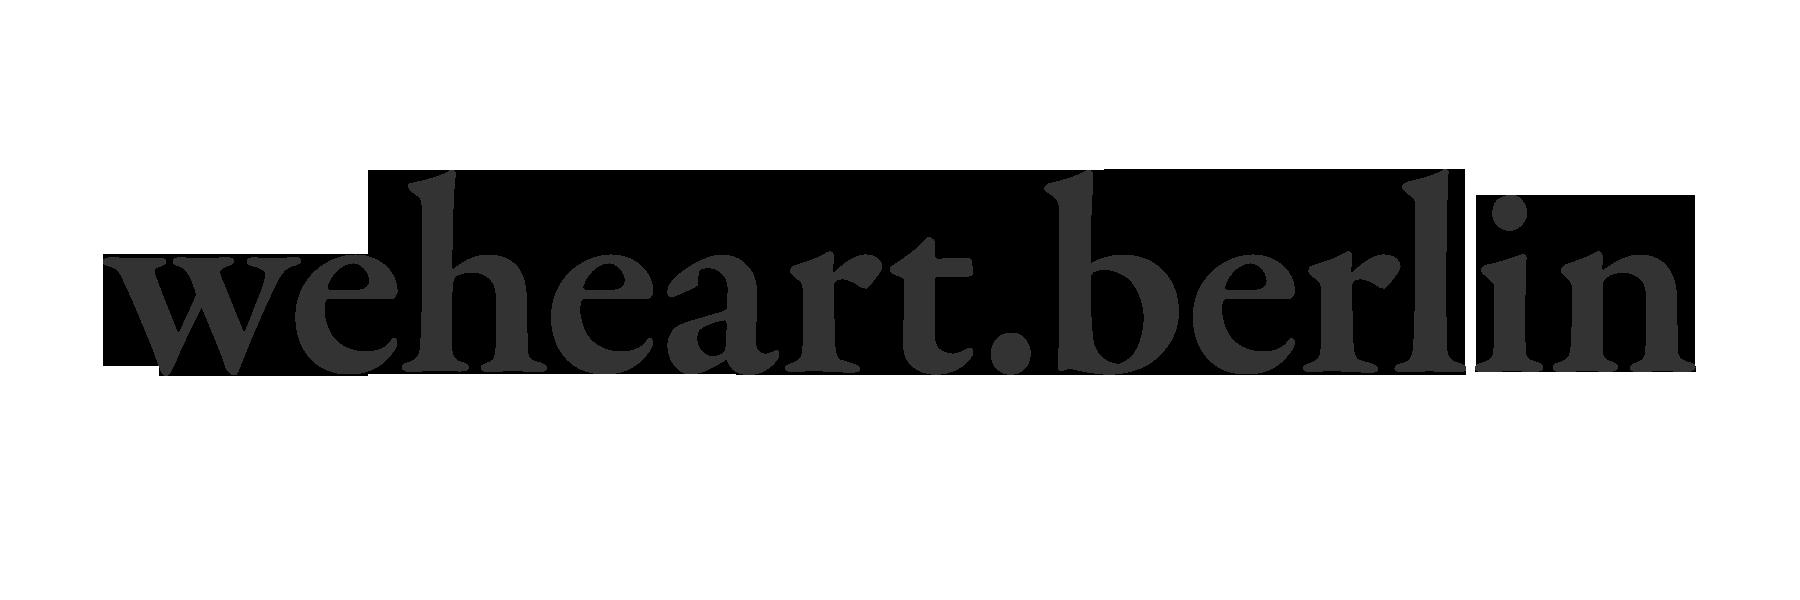 weheart.berlin